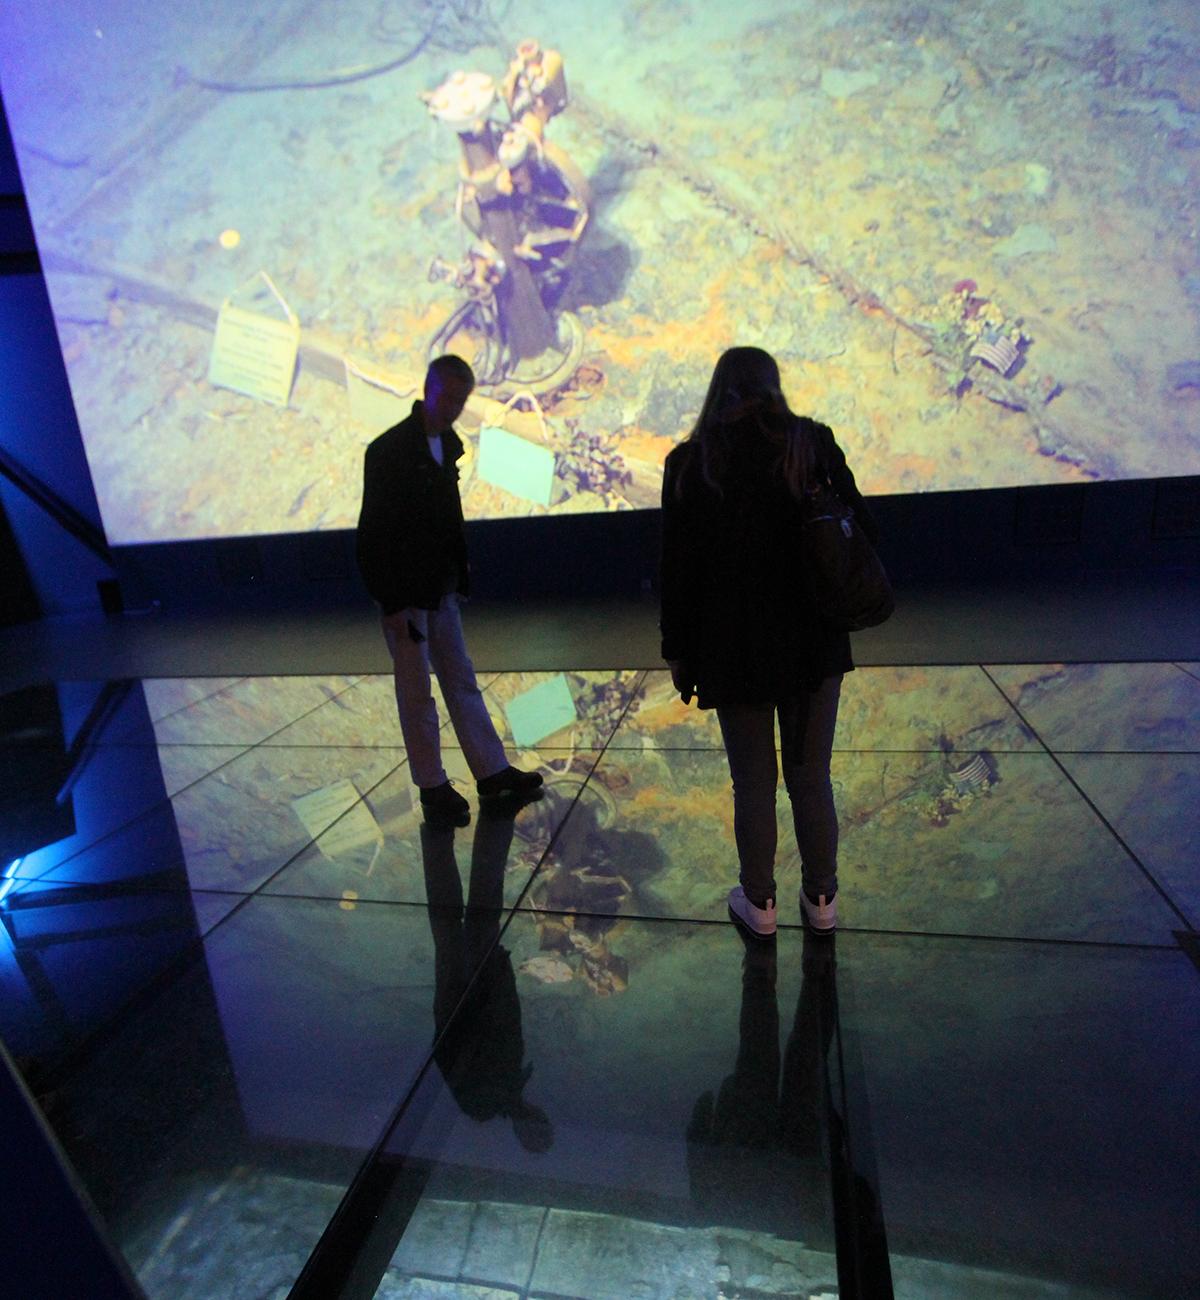 Det er ganske spooky å gå på et glassgulv og se rett ned på utforskingen av «Titanic-vraket» på film.